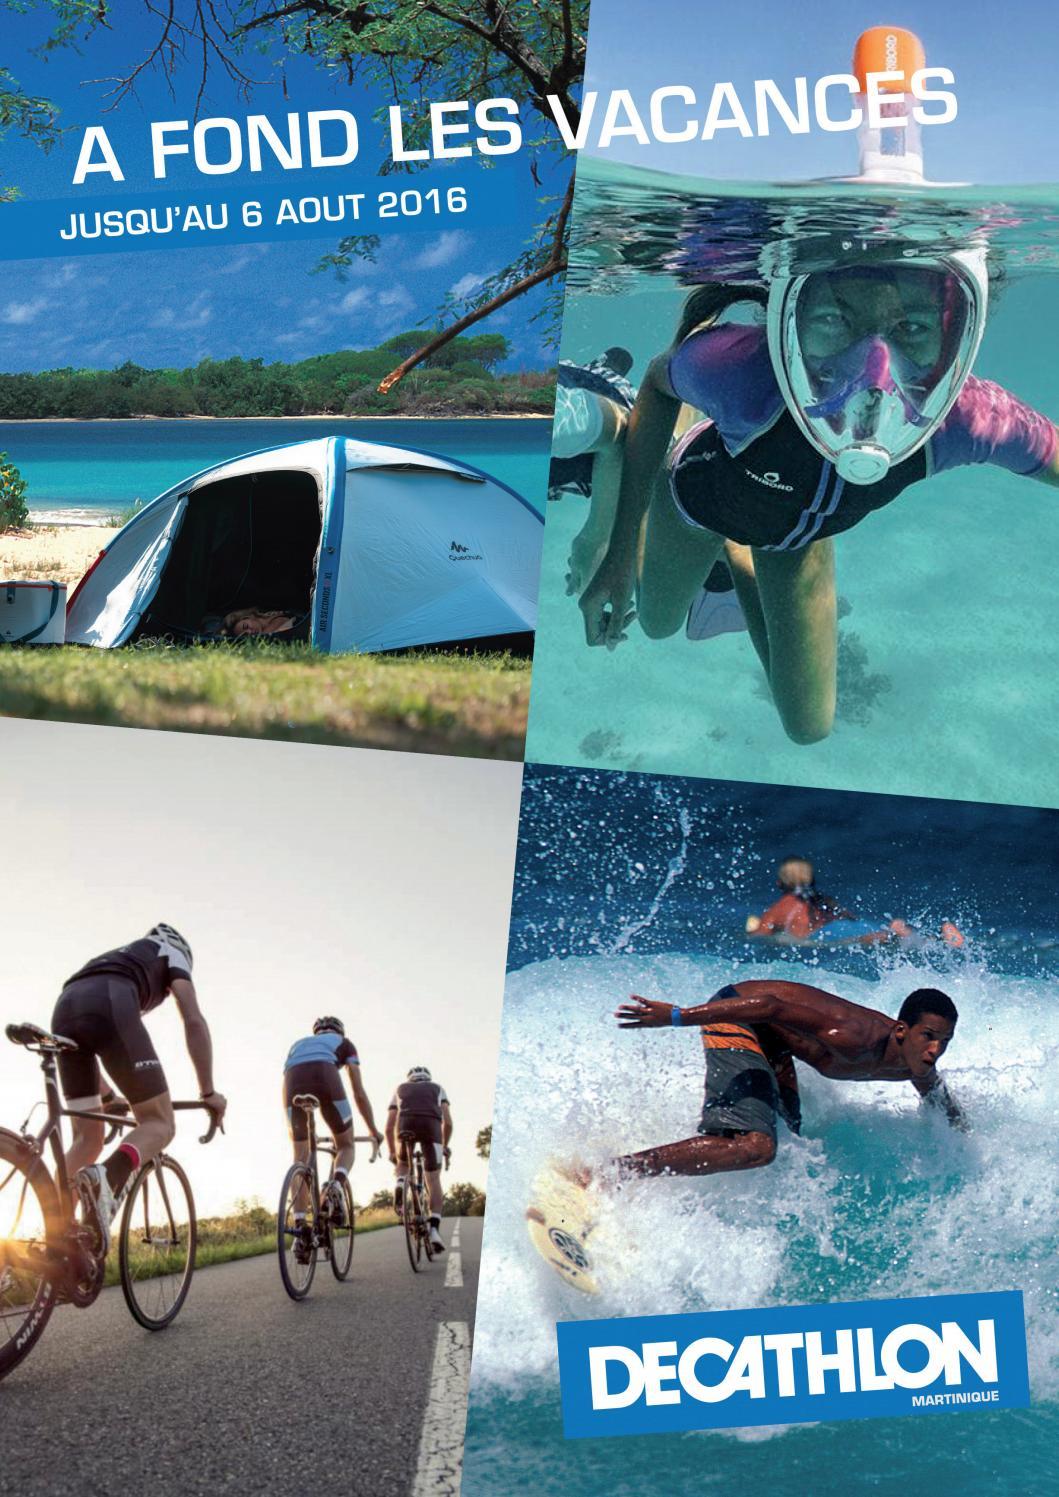 Decathlon Martinique : A Fond Les Vacances ! (Jusqu'au 06 ... destiné Matelas Gonflable Piscine Decathlon